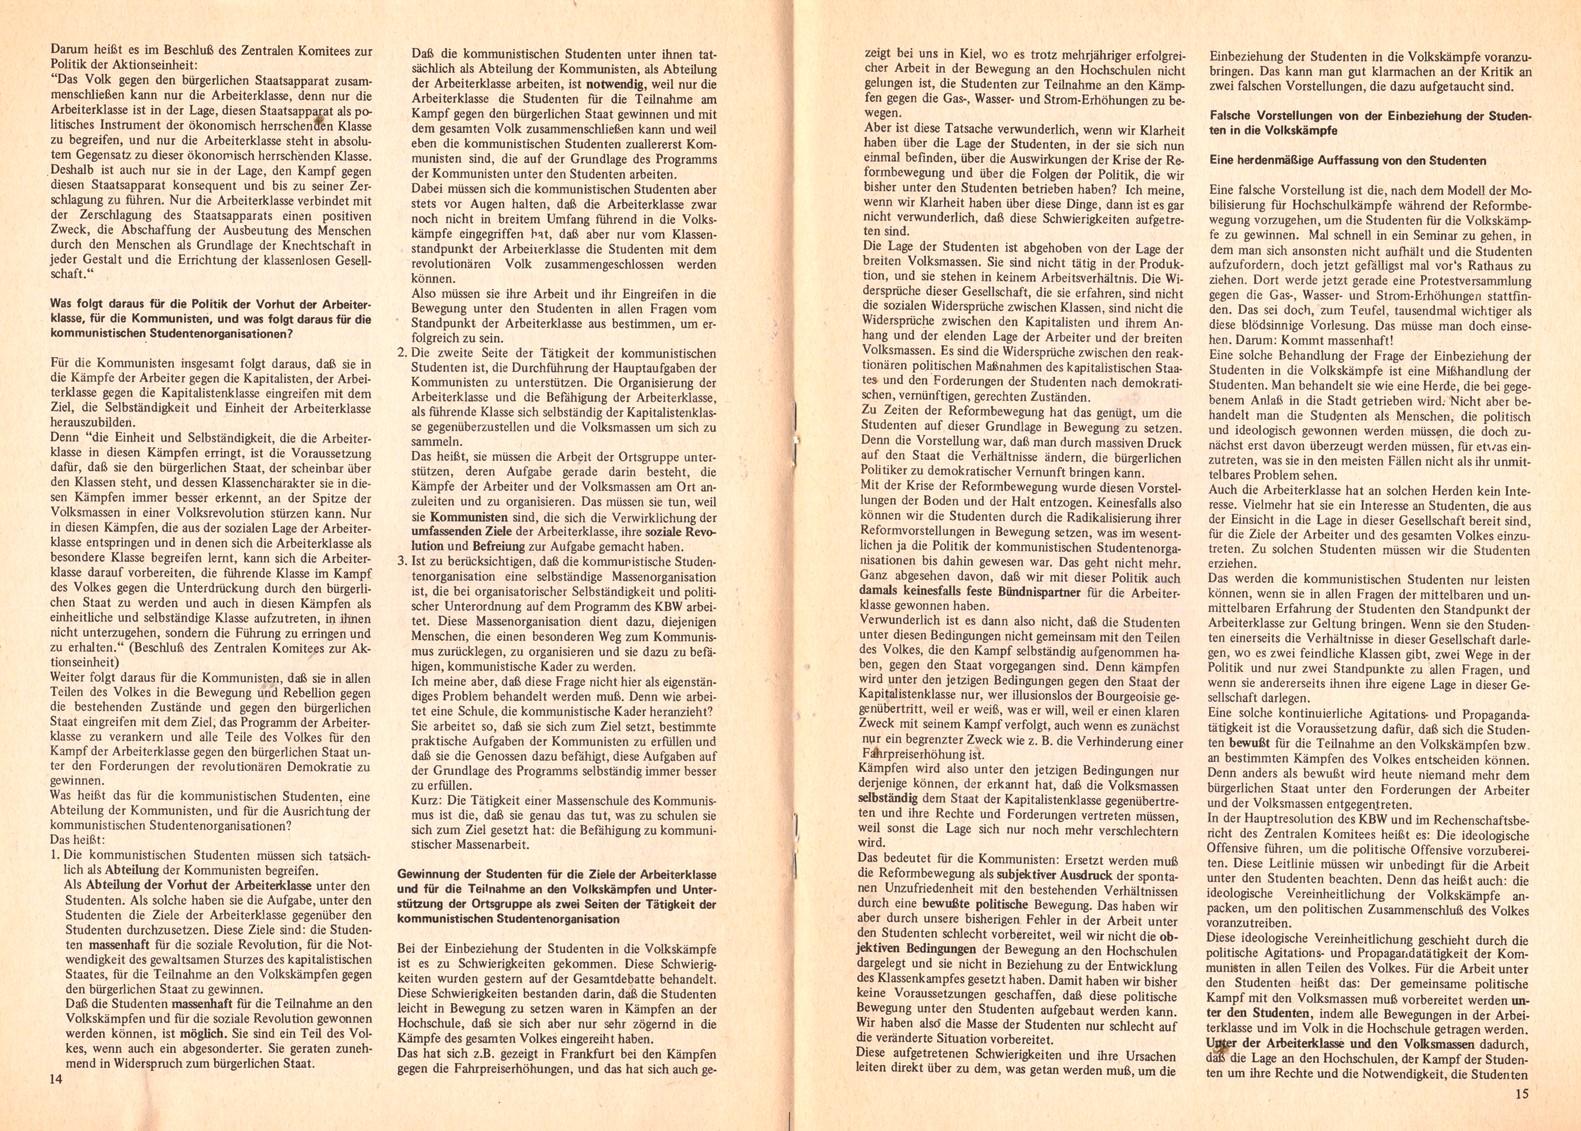 KBW_1974_Aufgaben_der_kommunistischen_Studenten_08